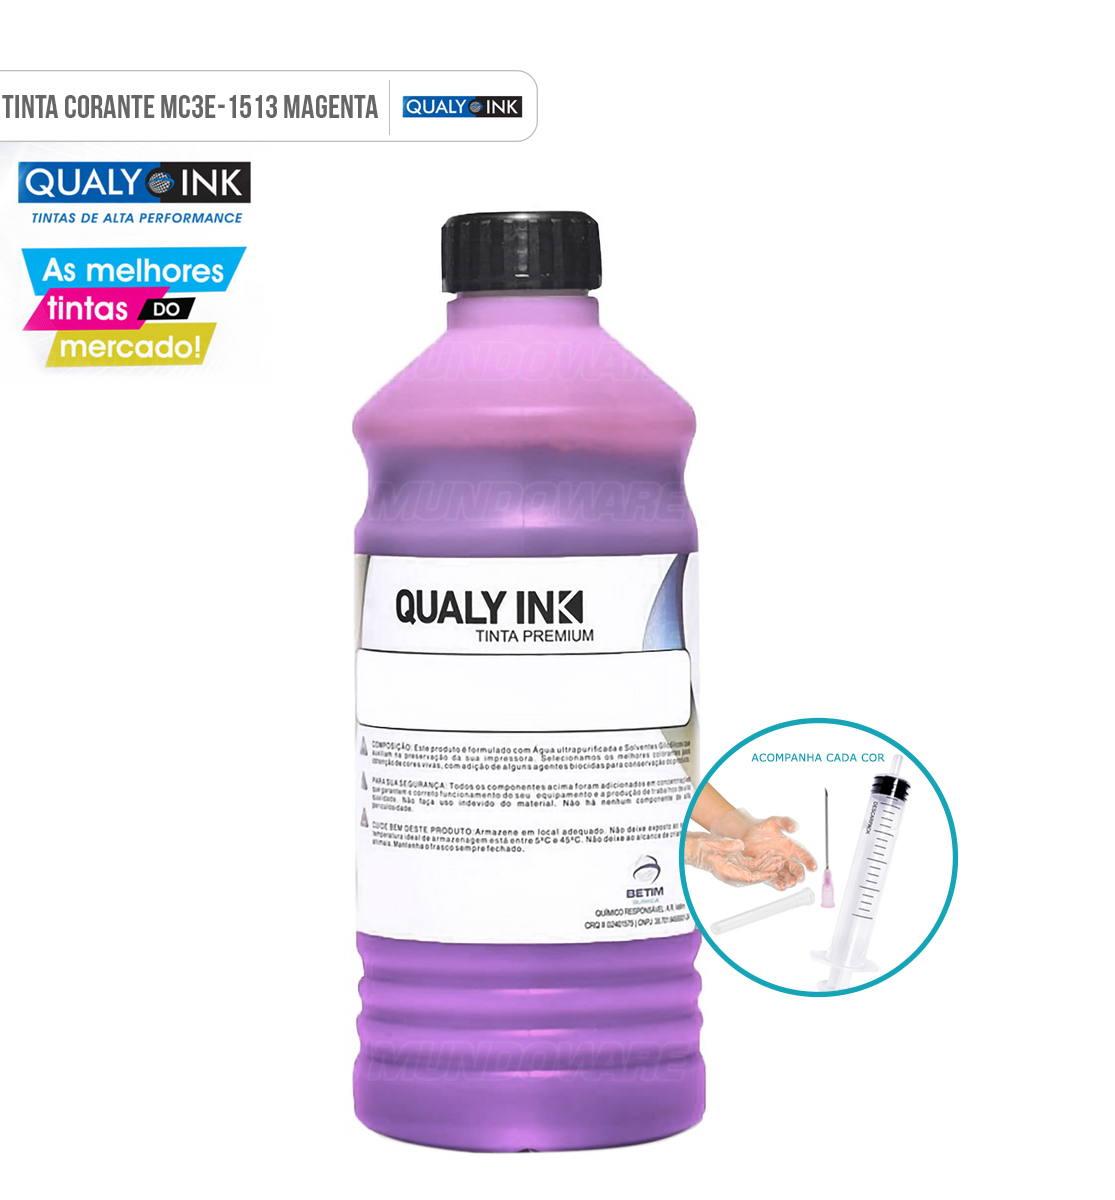 Refil de Tinta Qualy-Ink Magenta Corante para Epson série 664 impressoras L100 L110 L120 L200 L210 L220 L300 L355 L365 L375 L380 L395 L396 L455 L475 L495 L550 L555 L565 L575 L606